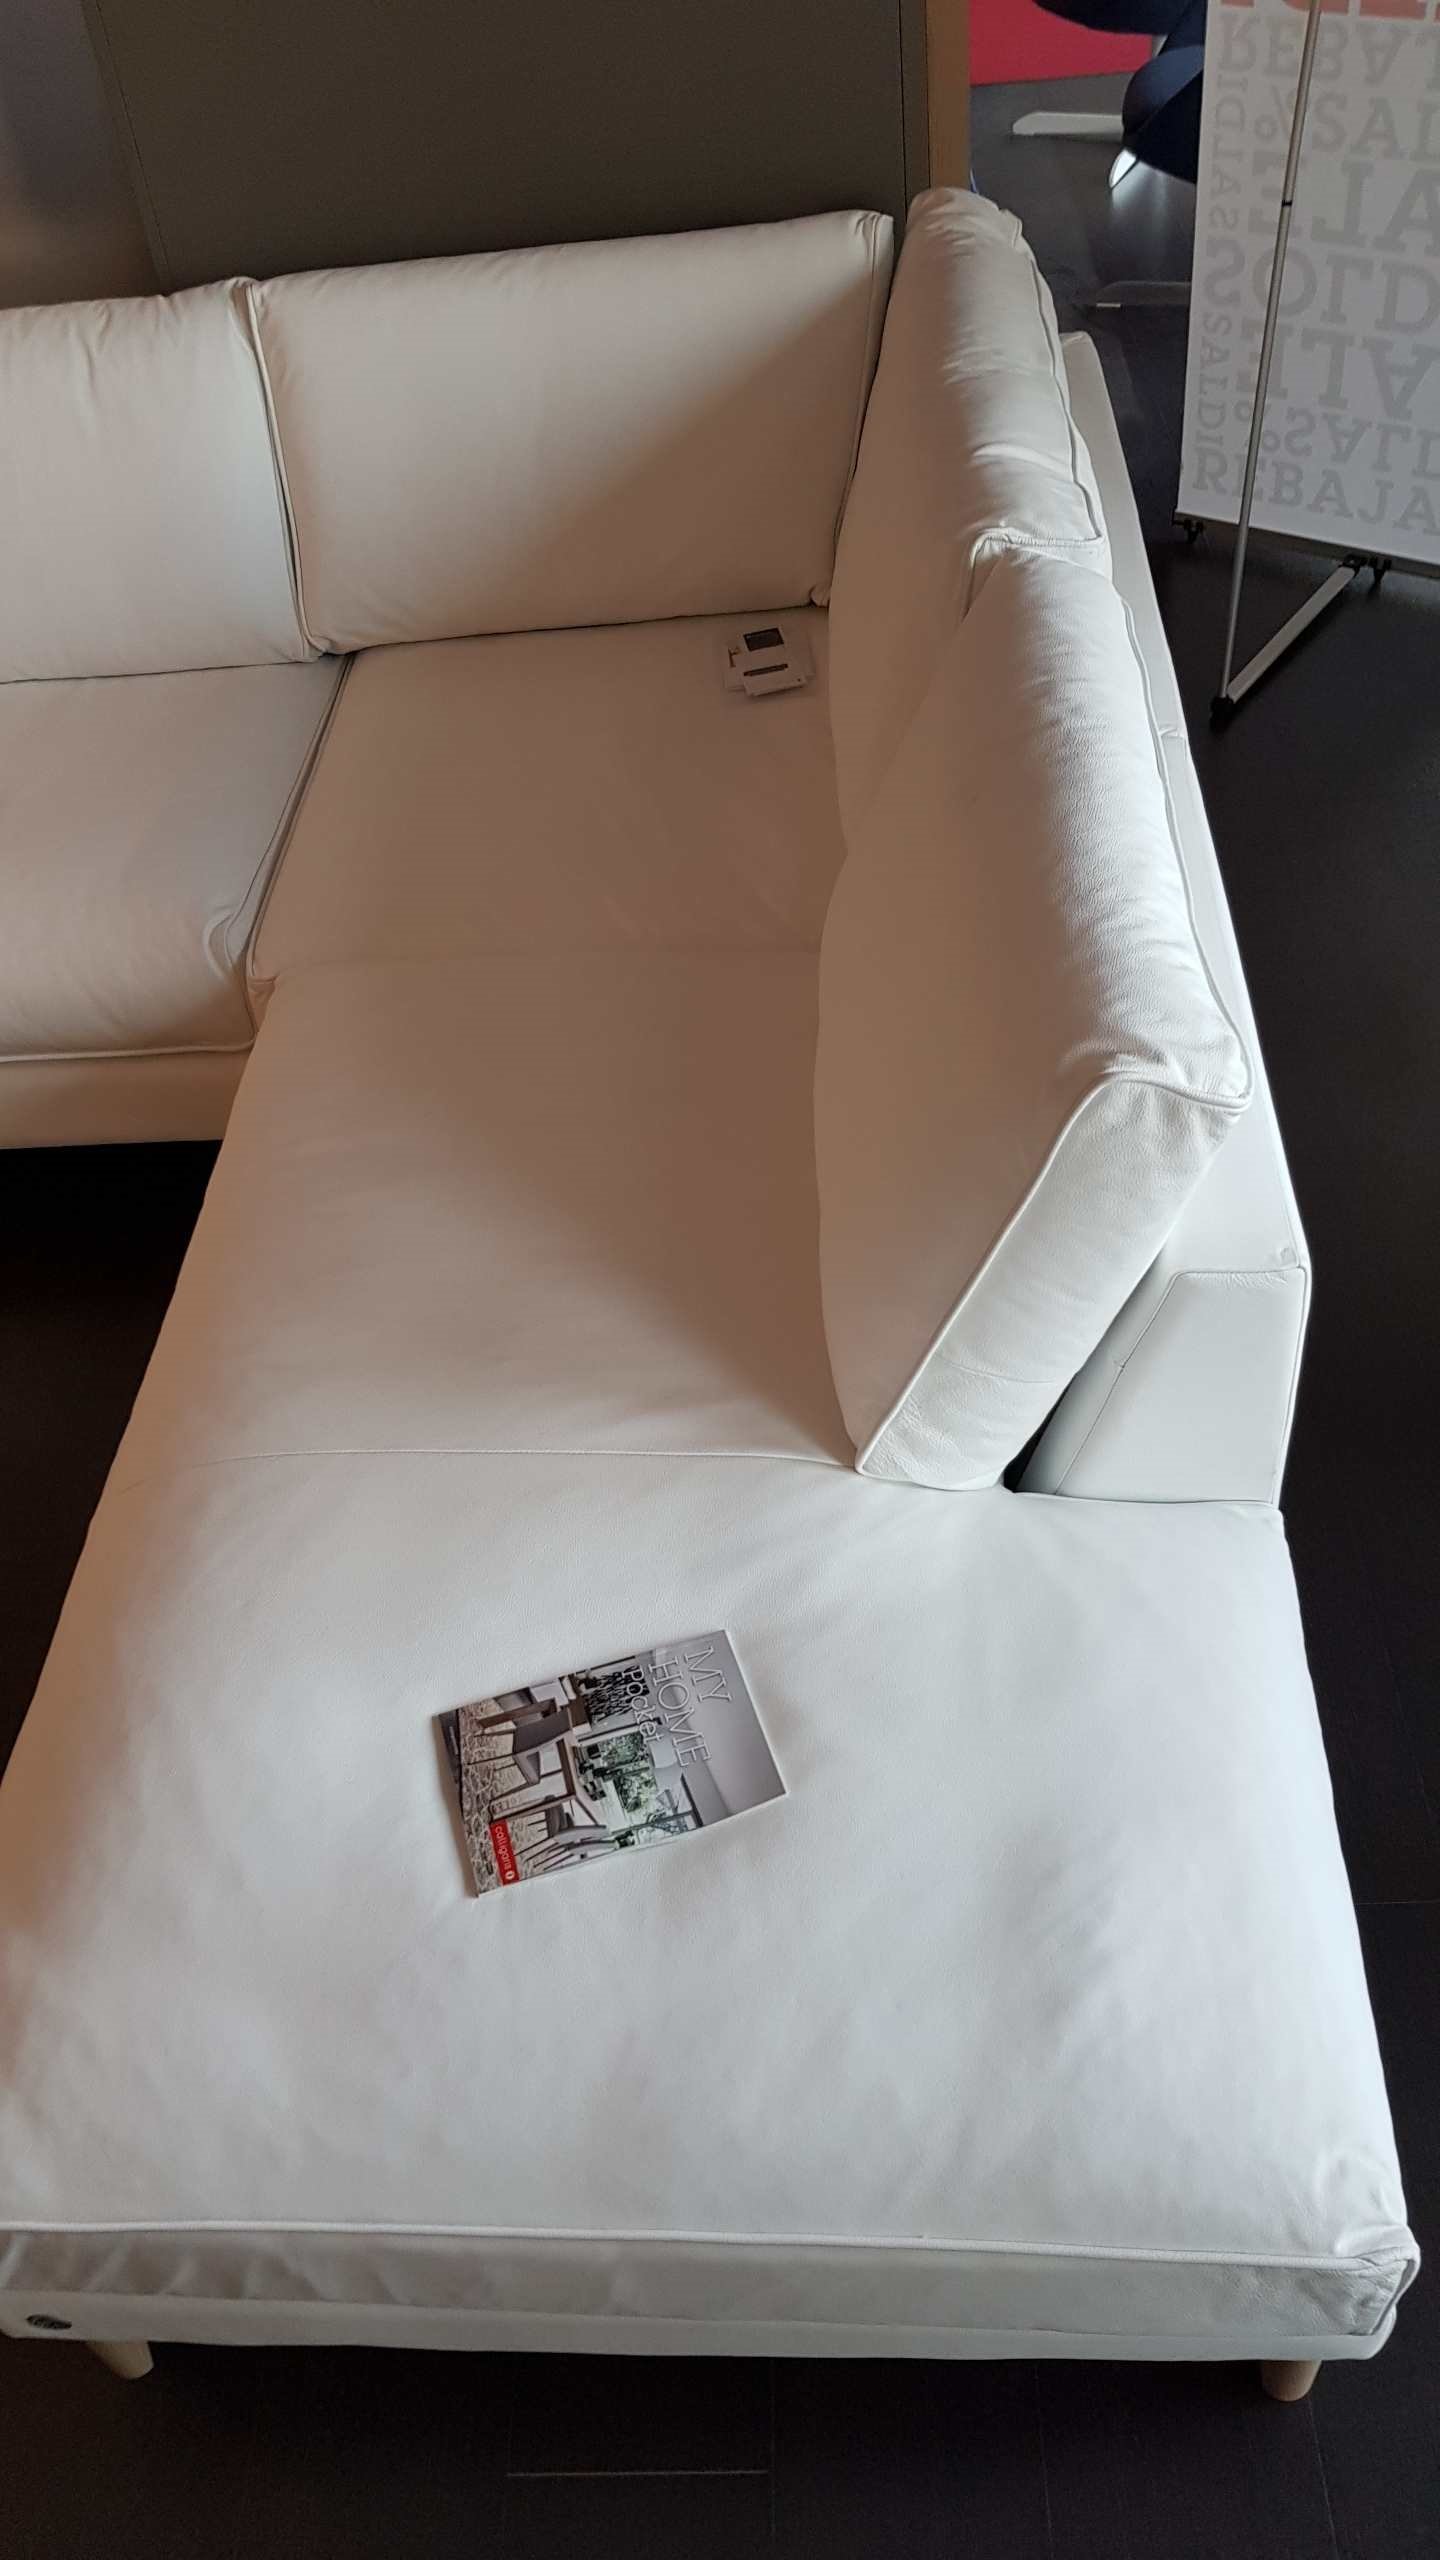 divani e divani como - 28 images - divani e divani avellino awesome ...